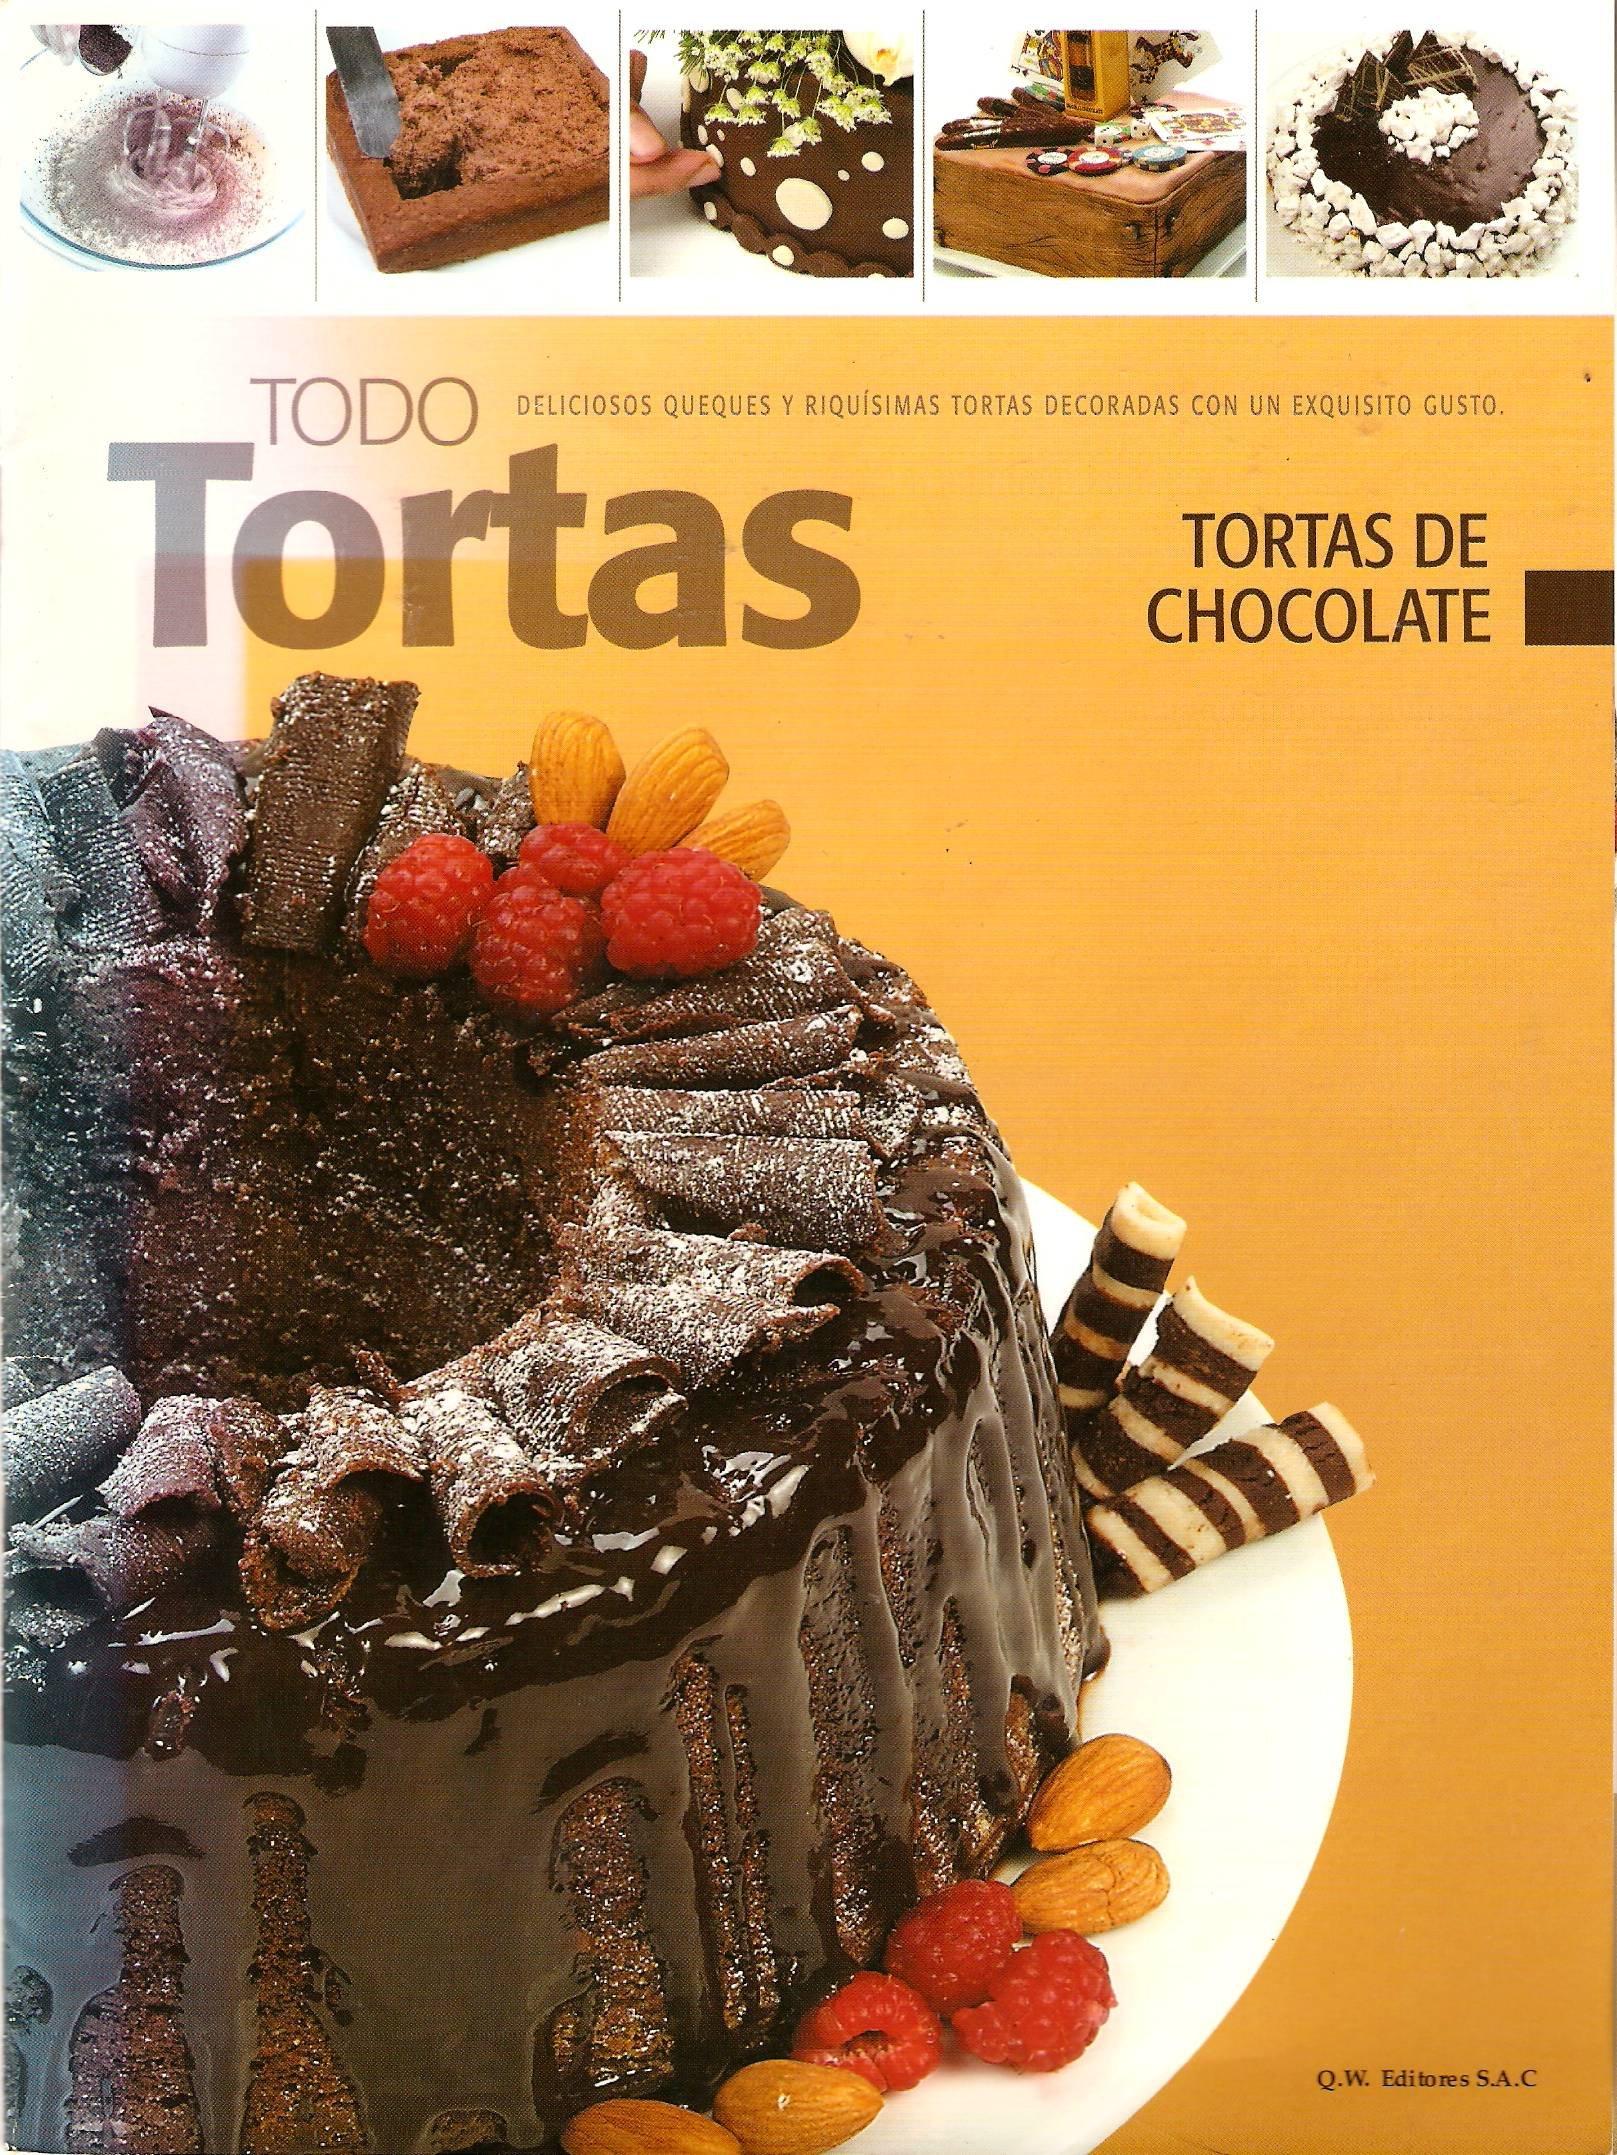 Todo Tortas - Tortas de Chocolate: Deliciosos Queques y Riguisimas ...